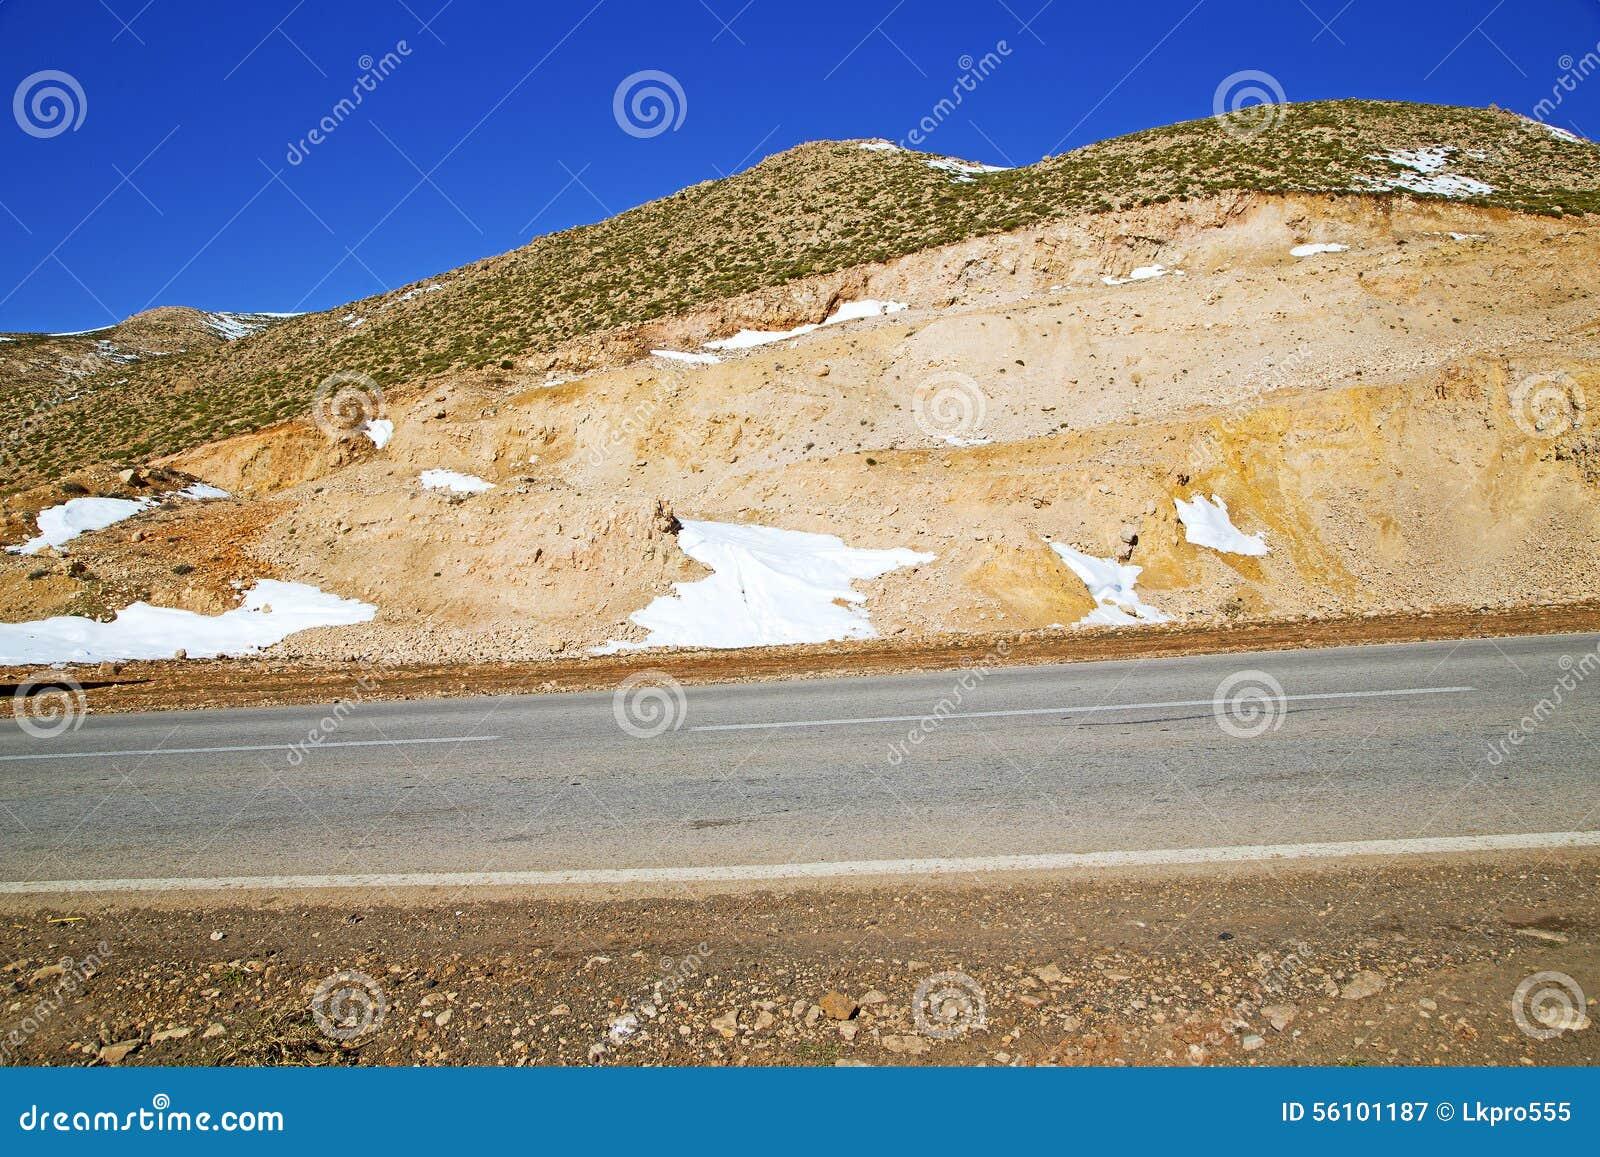 Kullen i gatan för africa den vita linjen jordning för den lösa vinkelasfalt är